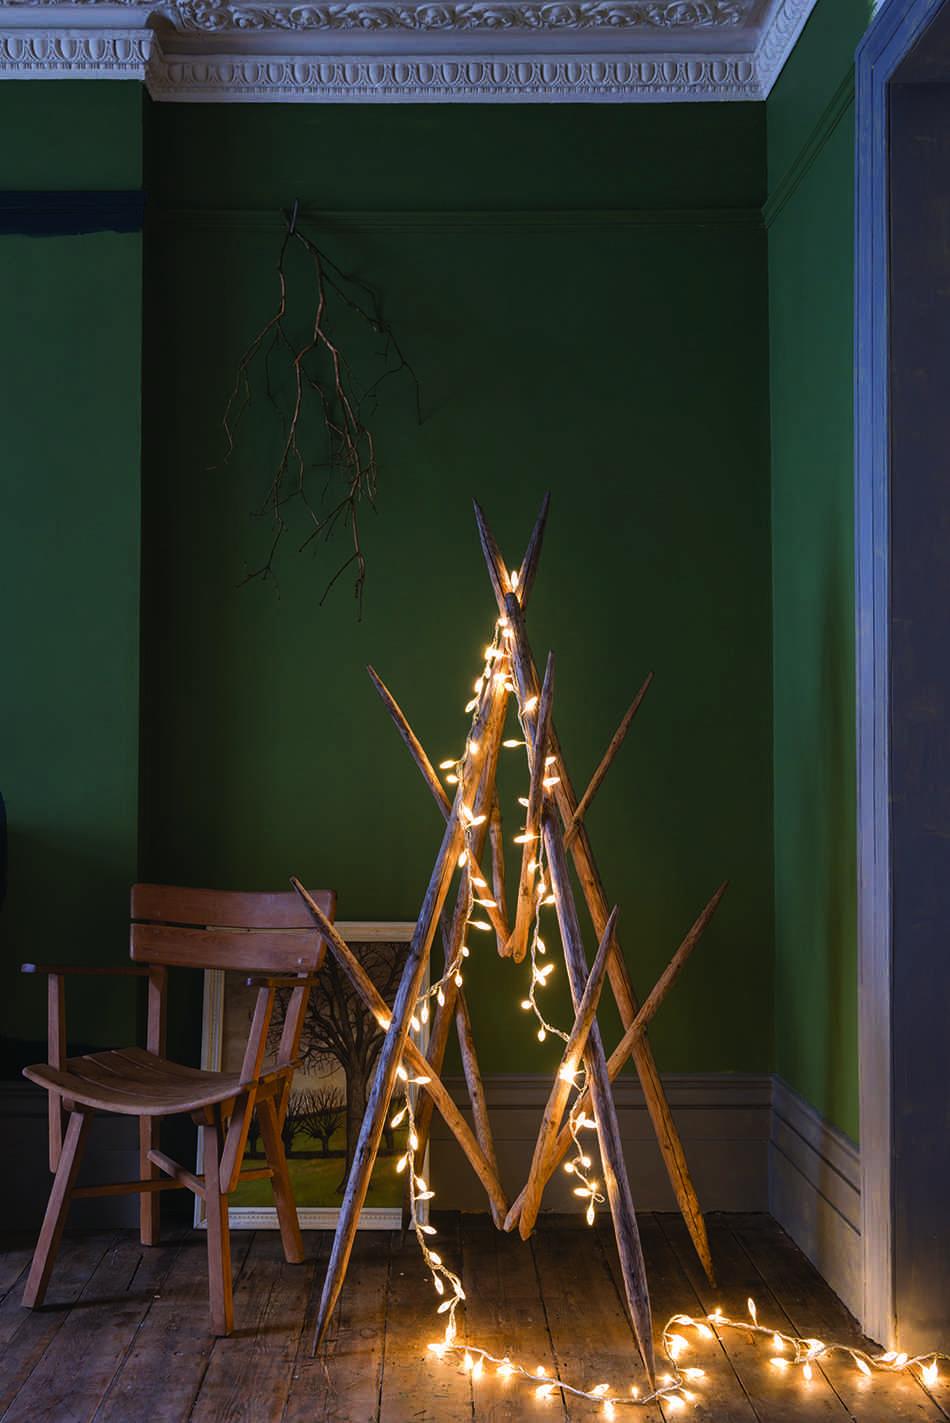 decoraciones originales de Navidad FarrowBall arbol